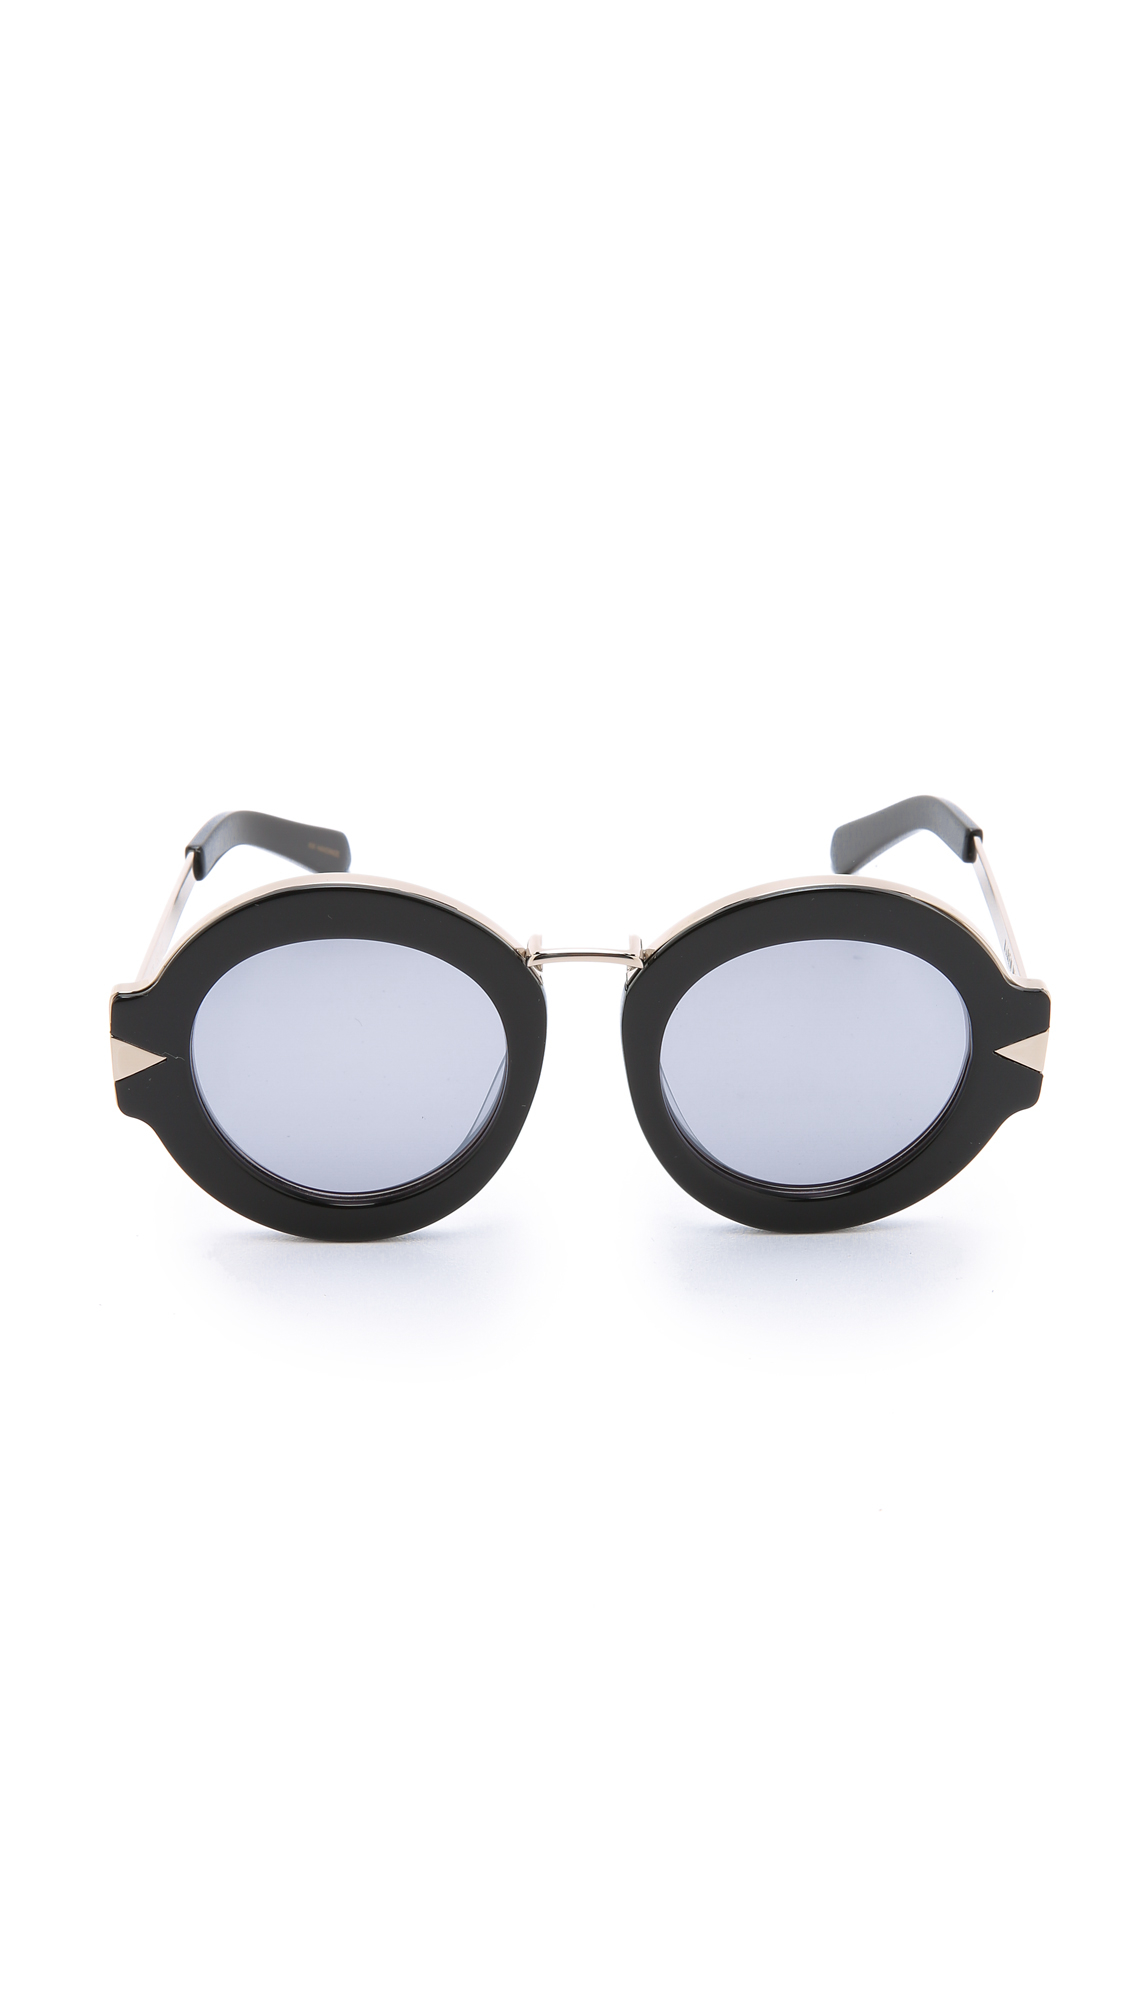 Maui Jim Warranty >> Lyst - Karen Walker Superstars Maze Sunglasses in Black